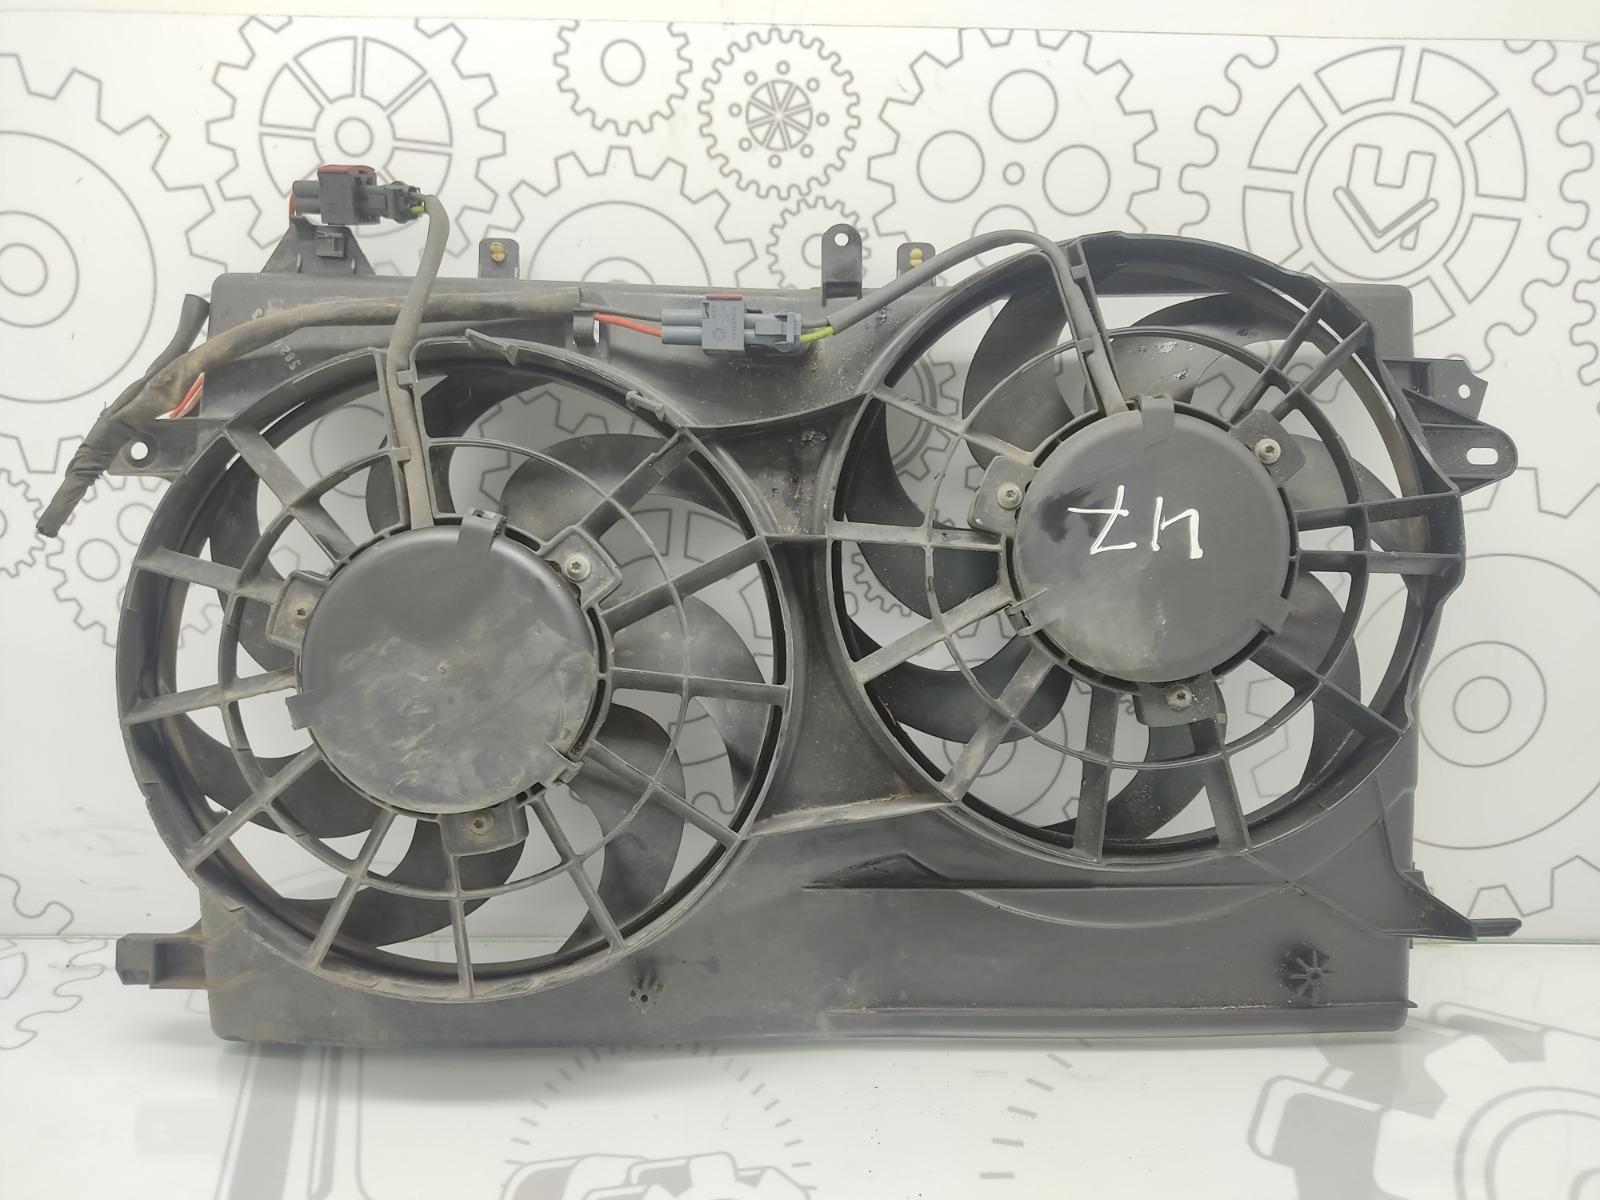 Вентилятор радиатора Saab 9-5 2.3 TI 2005 (б/у)